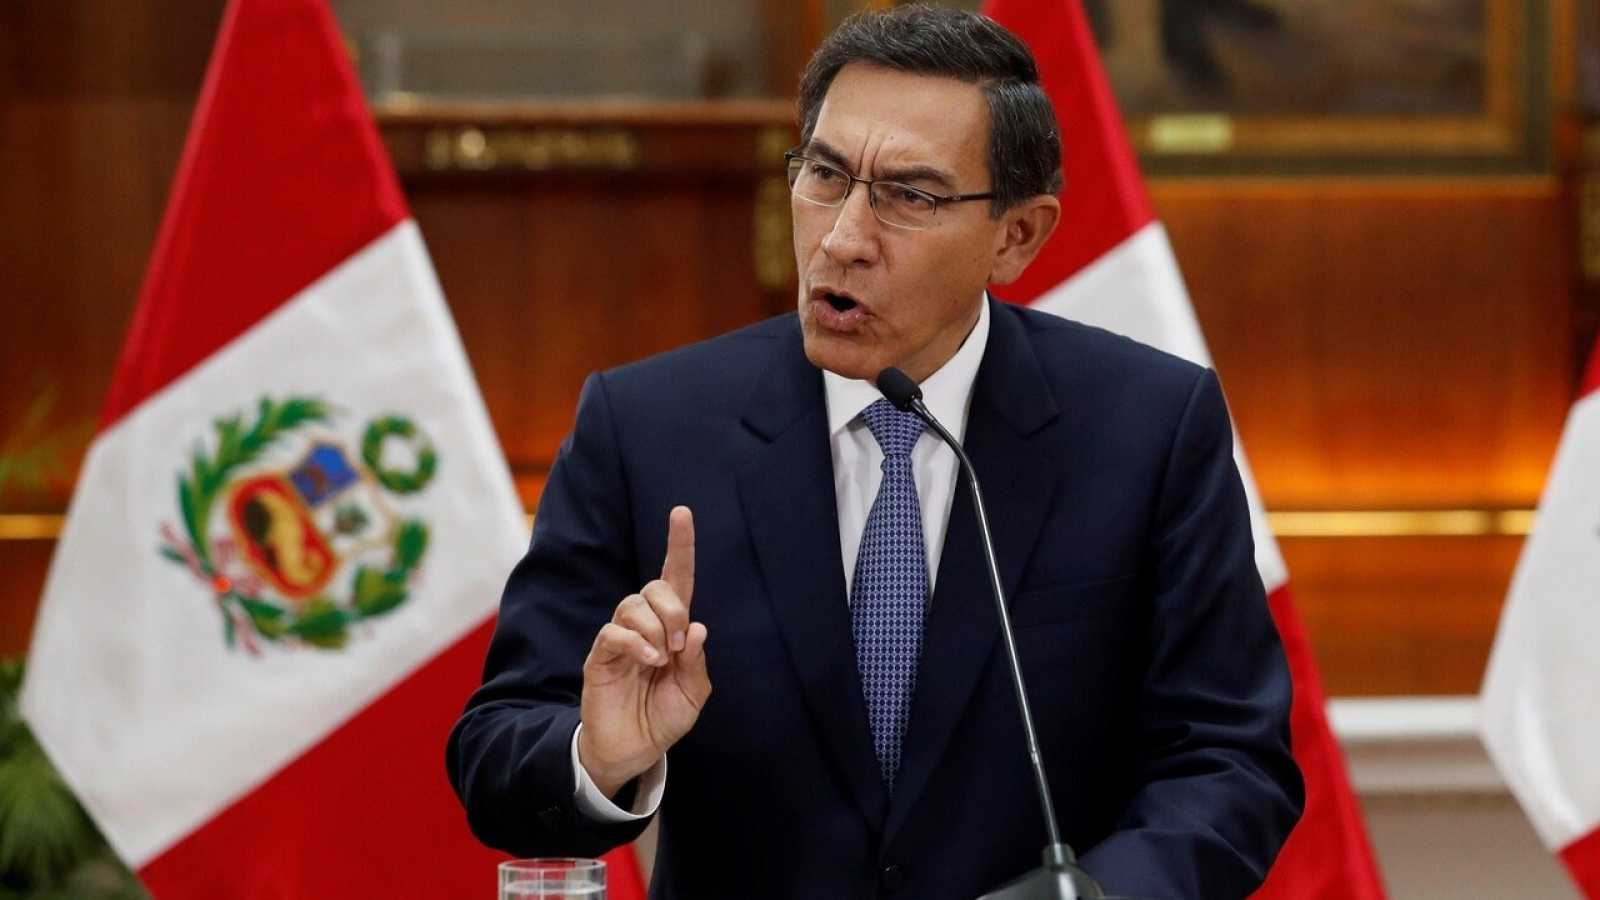 El presidente de Perú, Martín Vizcarra, durante un mensaje a la nación desde Lima